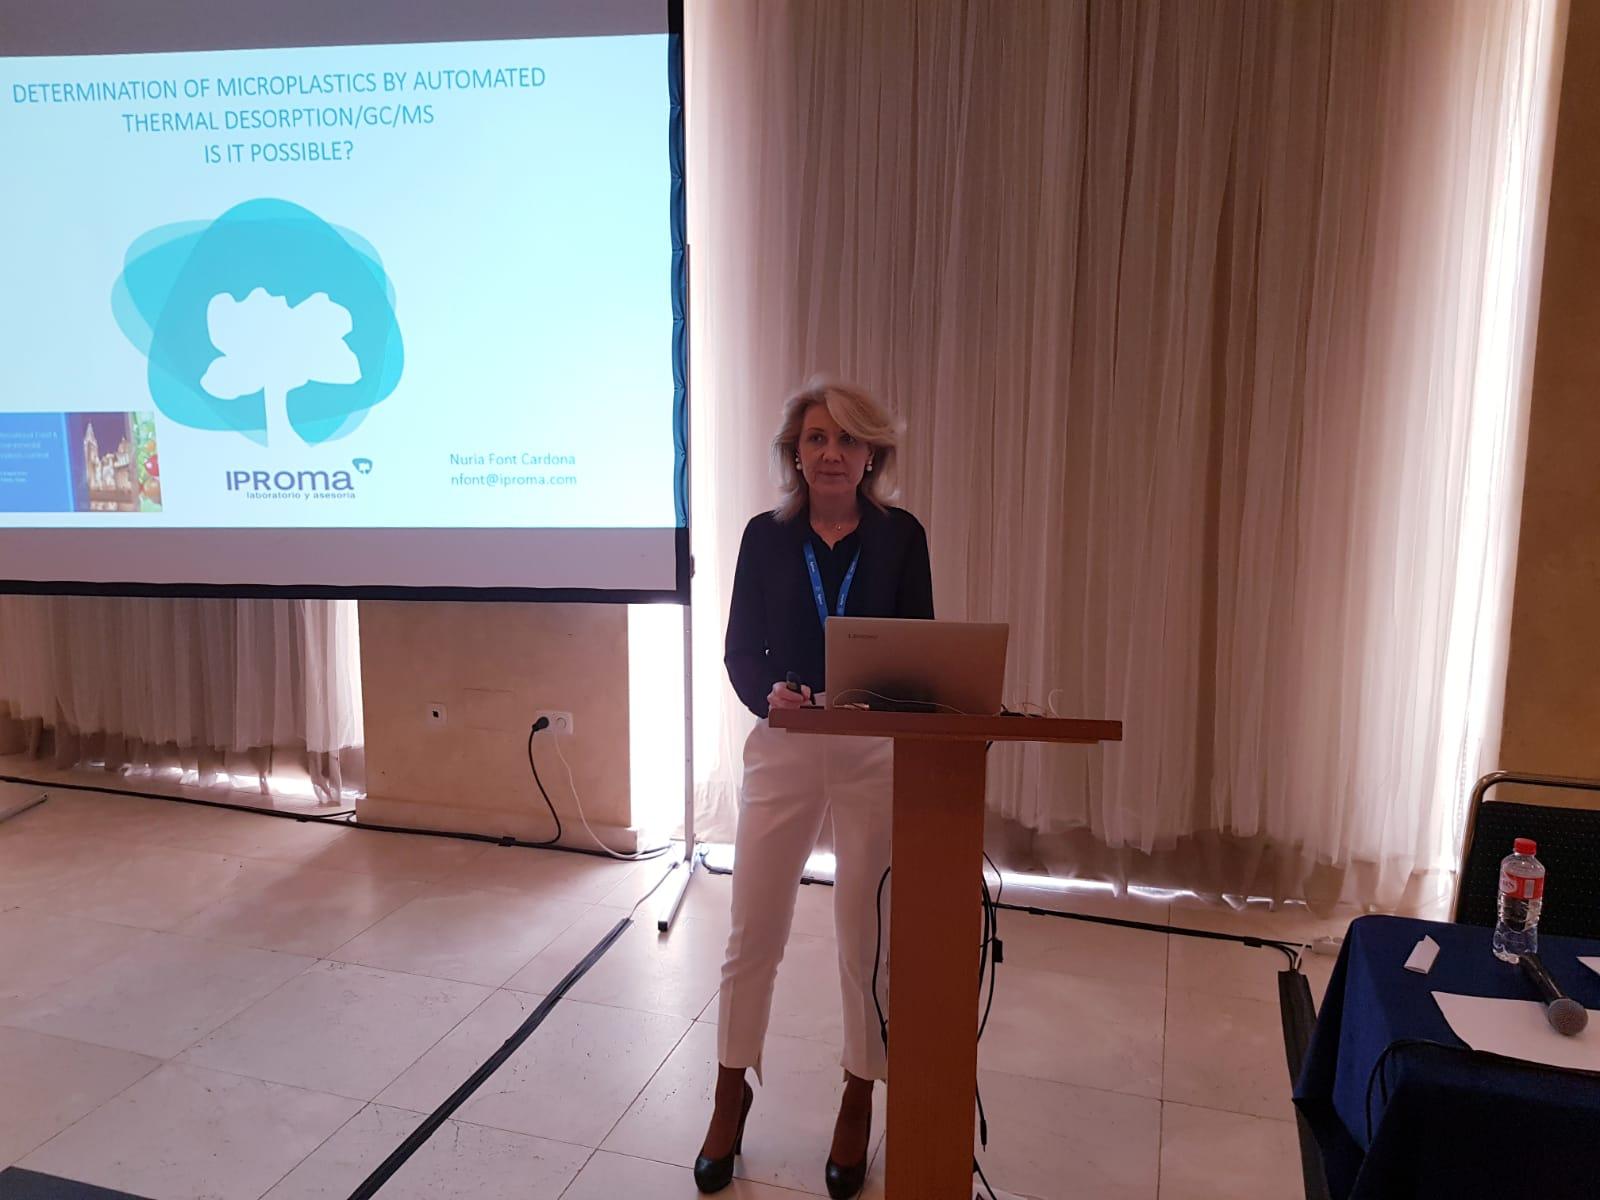 IPROMA analiza la problemática de los microplásticos en la Cumbre Internacional de Análisis de Alimentos y Medio Ambiente de Toledo